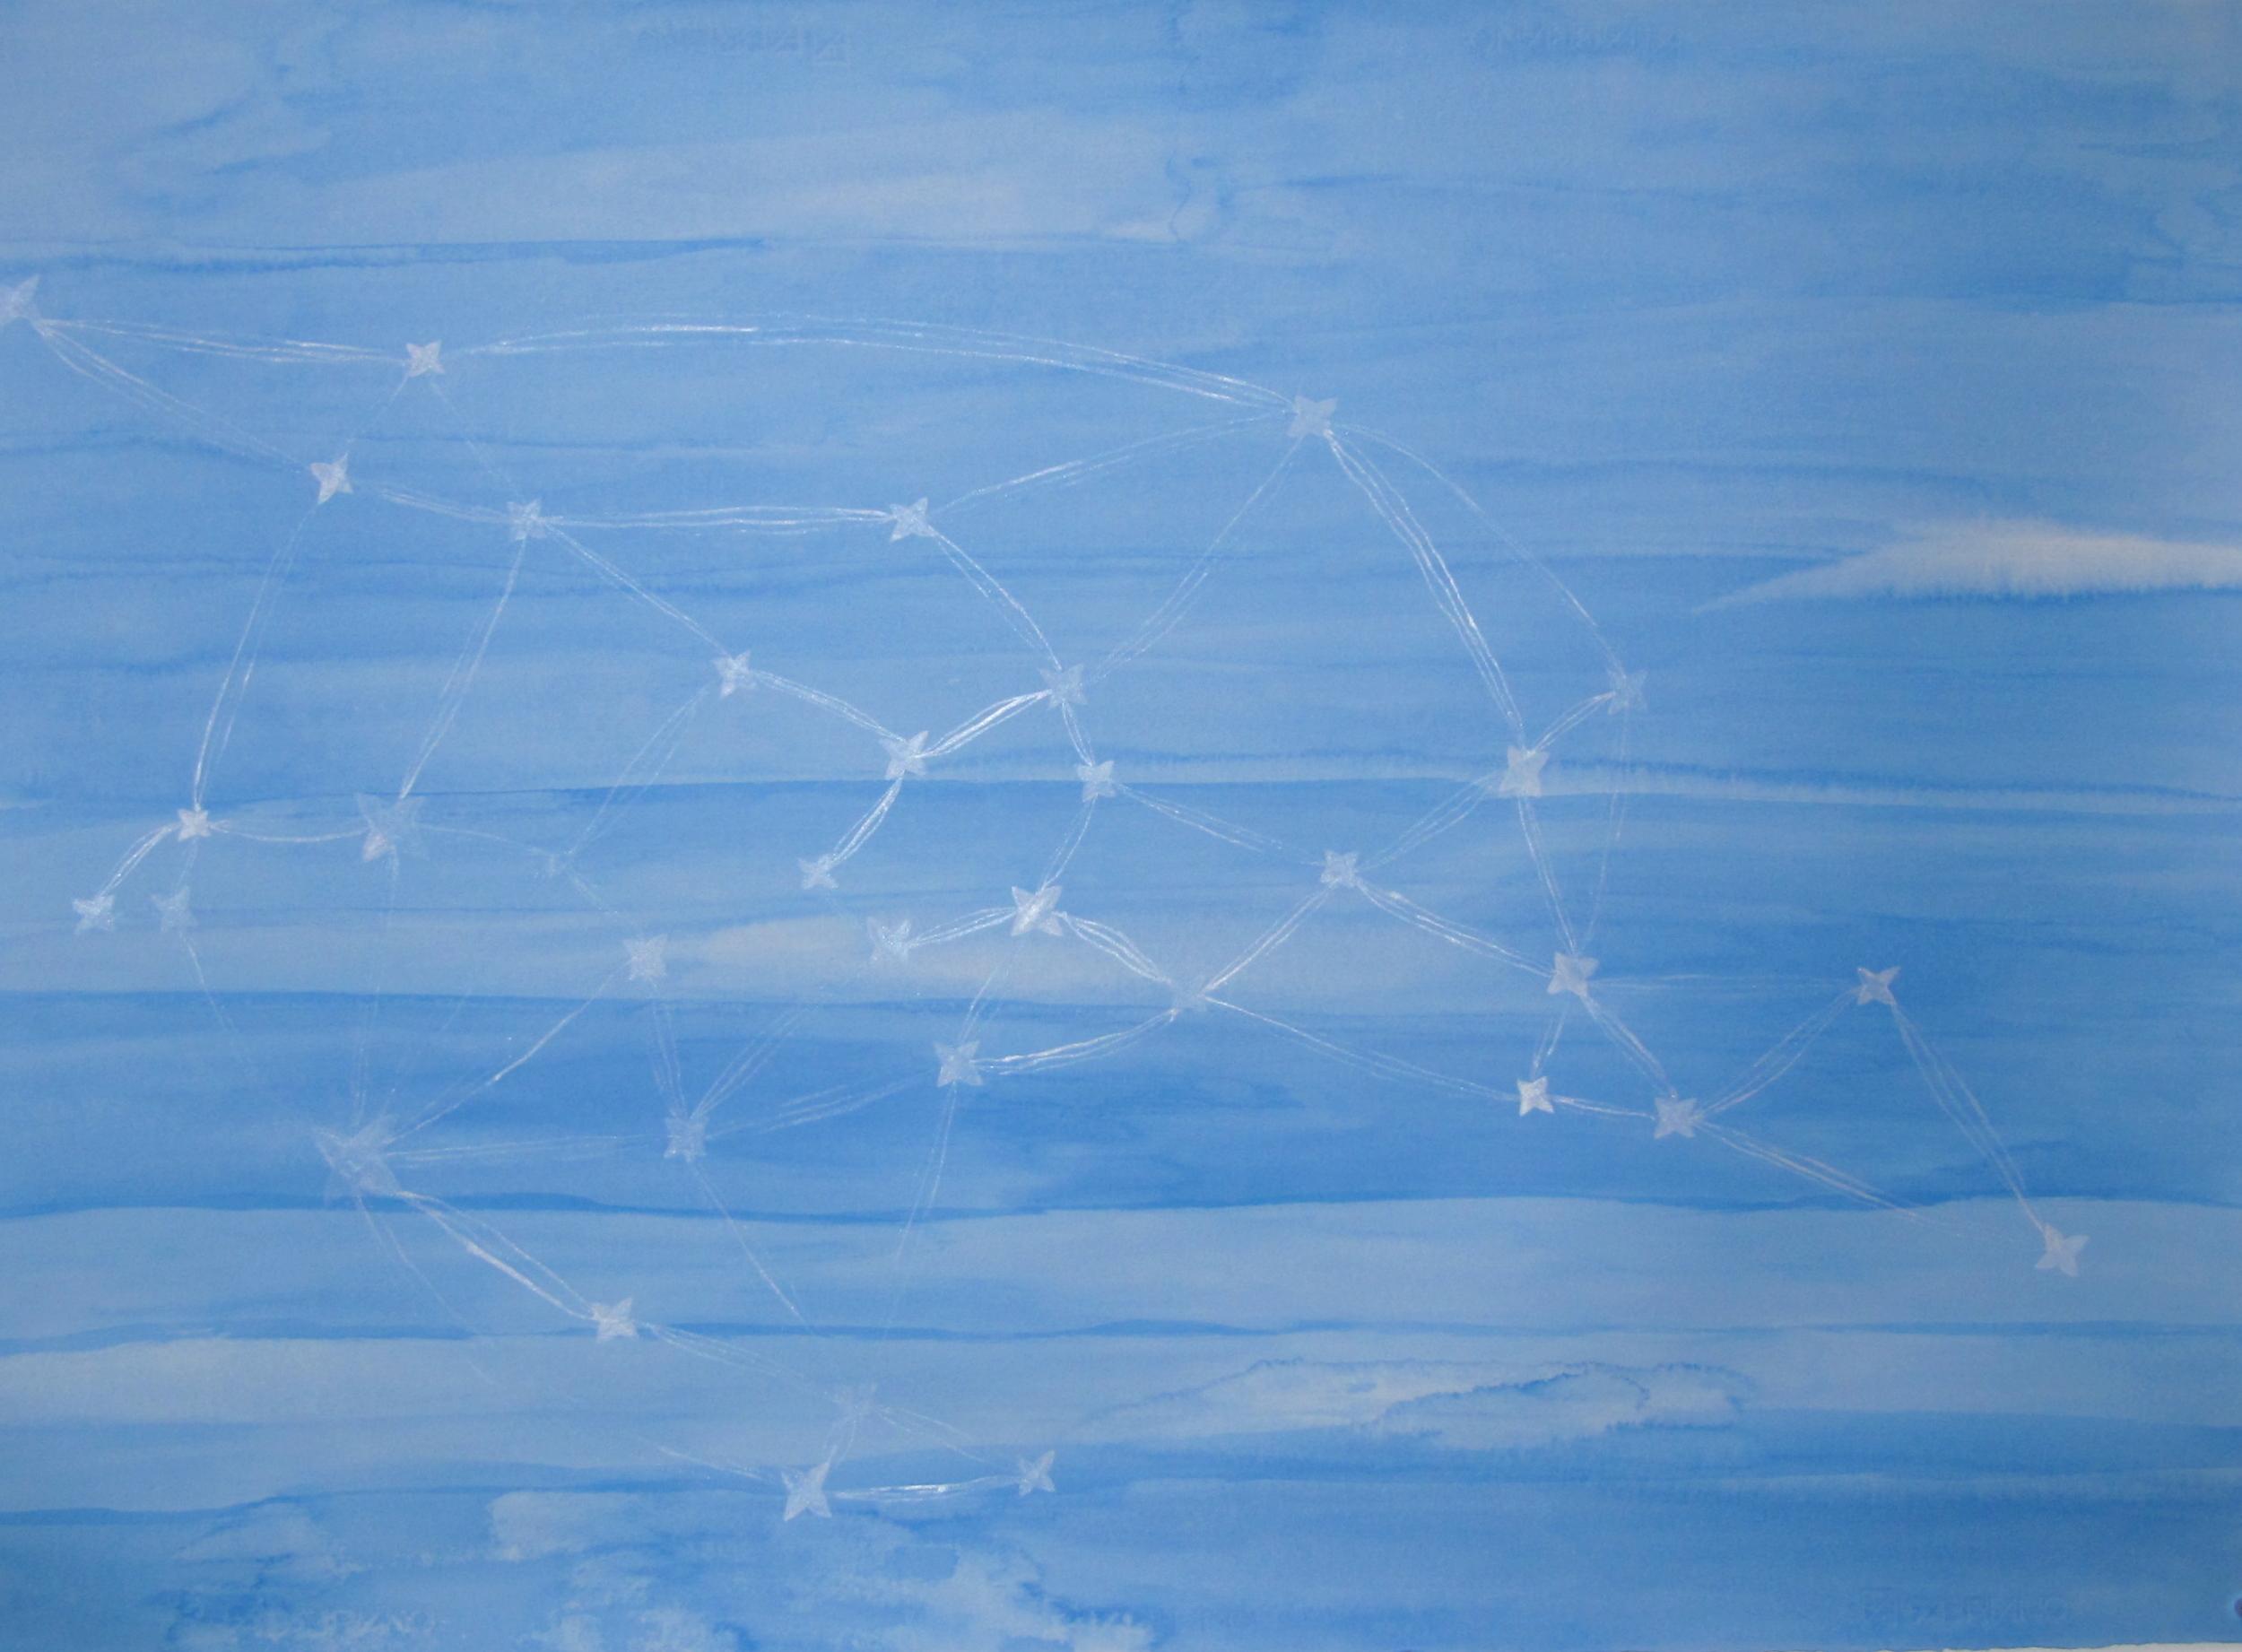 'O le tātou moana pele | Our dear ocean, Léuli Eshraghi, acrylic on Fabriano paper, 100 x 71cm, 2012